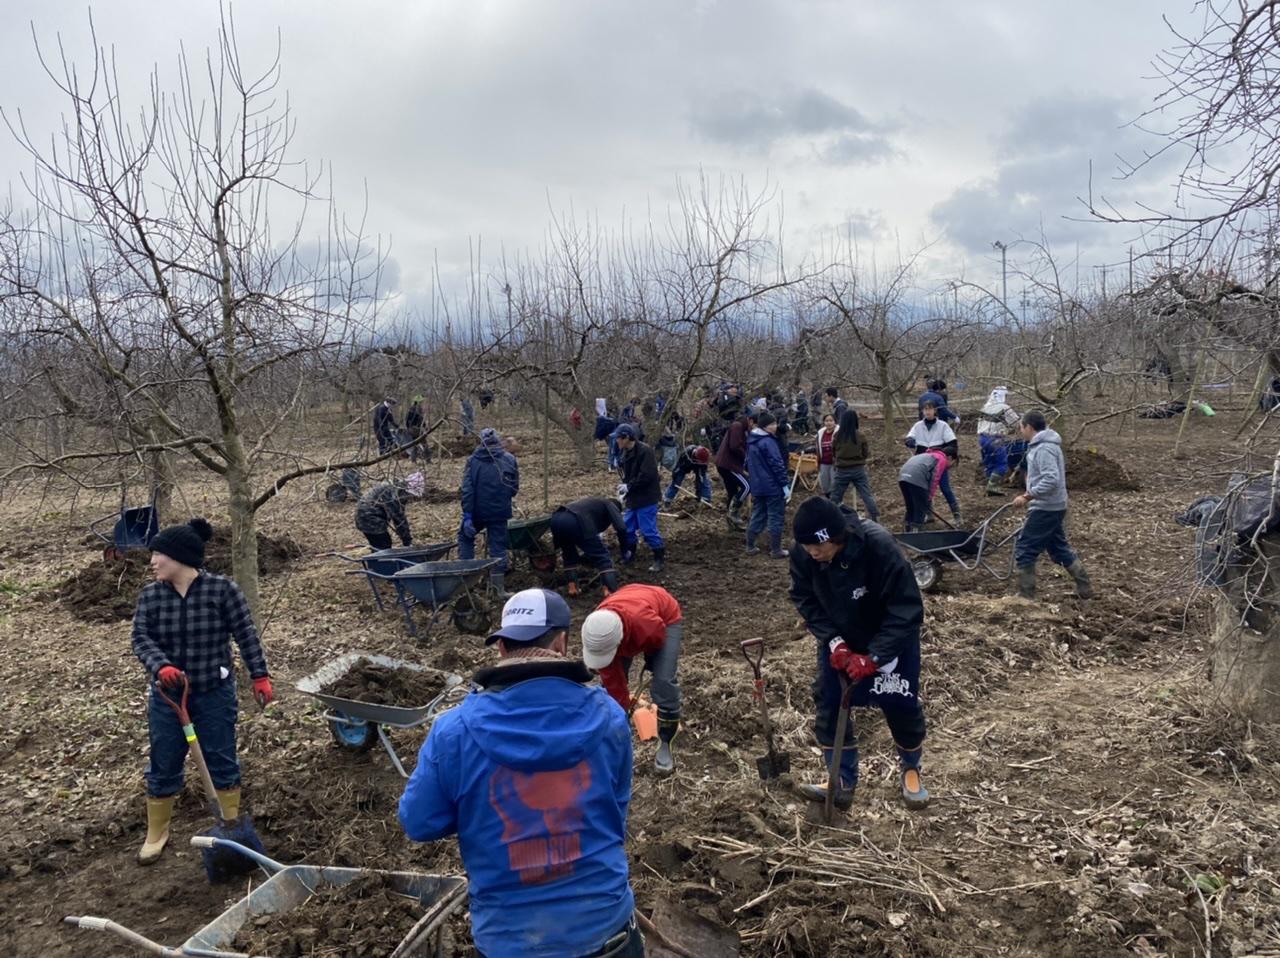 【台風19号支援】2/29(土)長野のリンゴ畑の物置小屋修理をしてくれる大工ボランティア募集